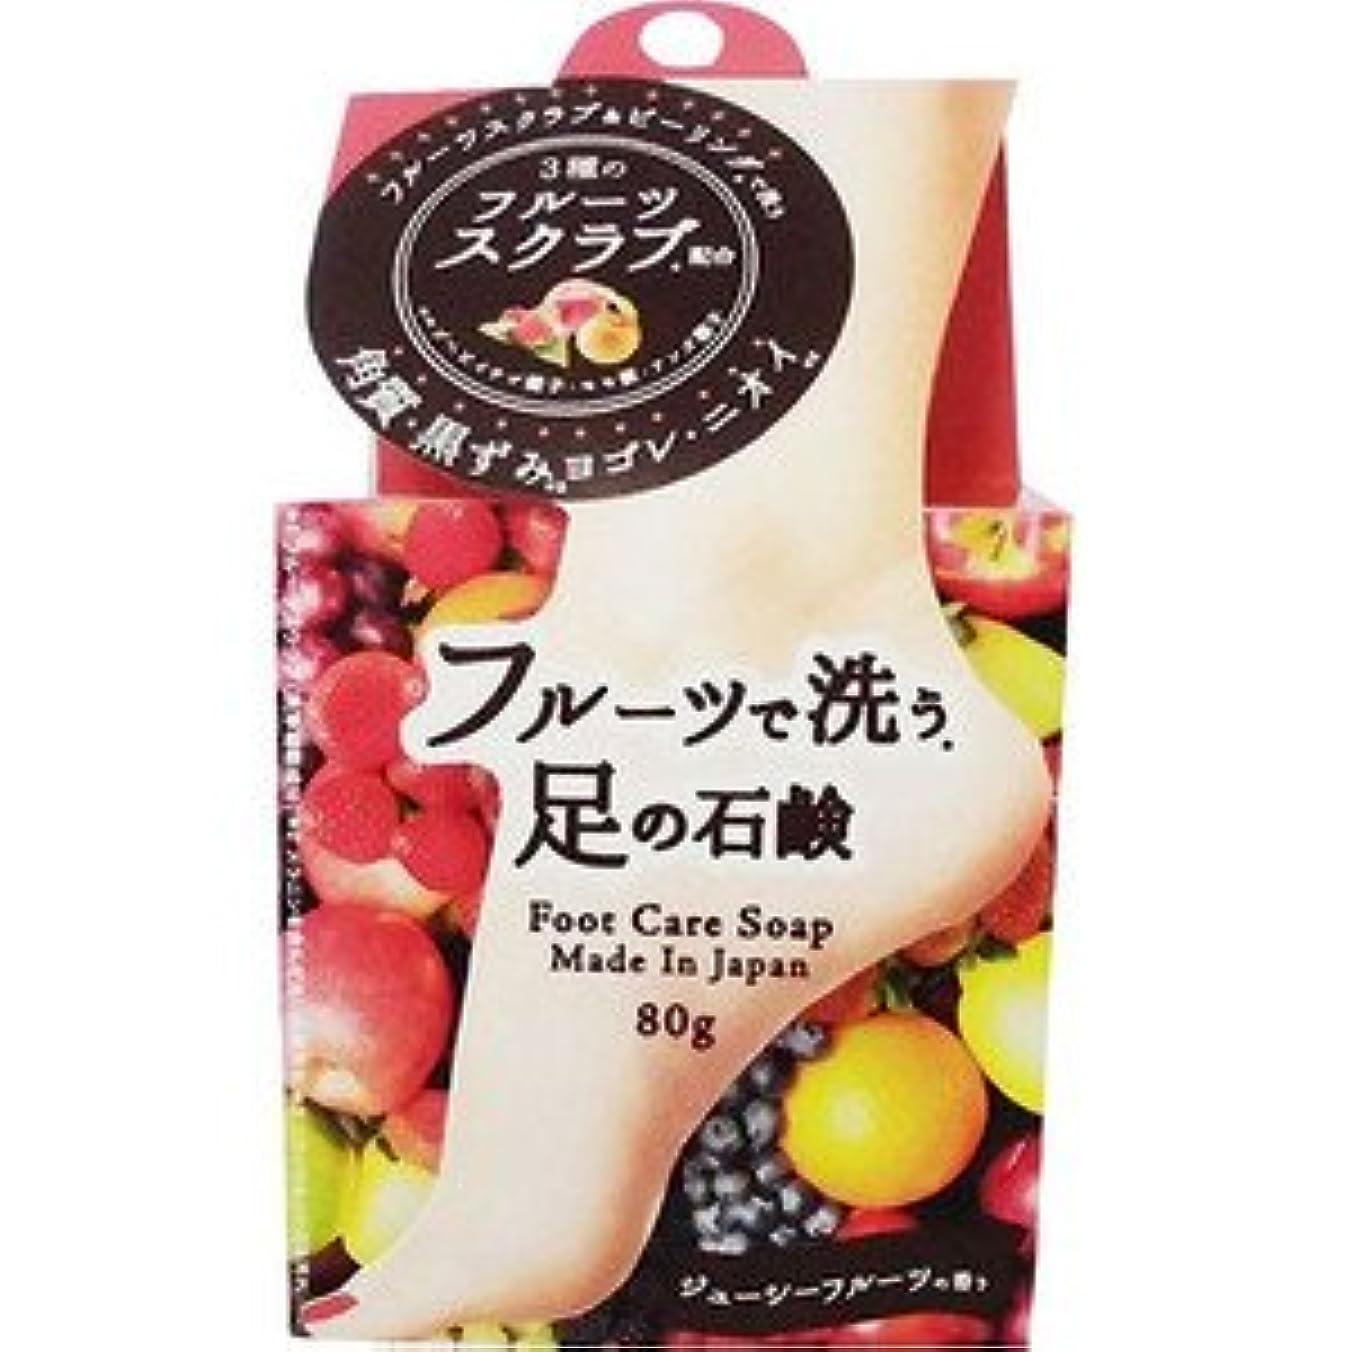 詩司教小麦粉(ペリカン石鹸)フルーツで洗う足の石鹸 ジューシーフルーツの香り 80g(お買い得3個セット)